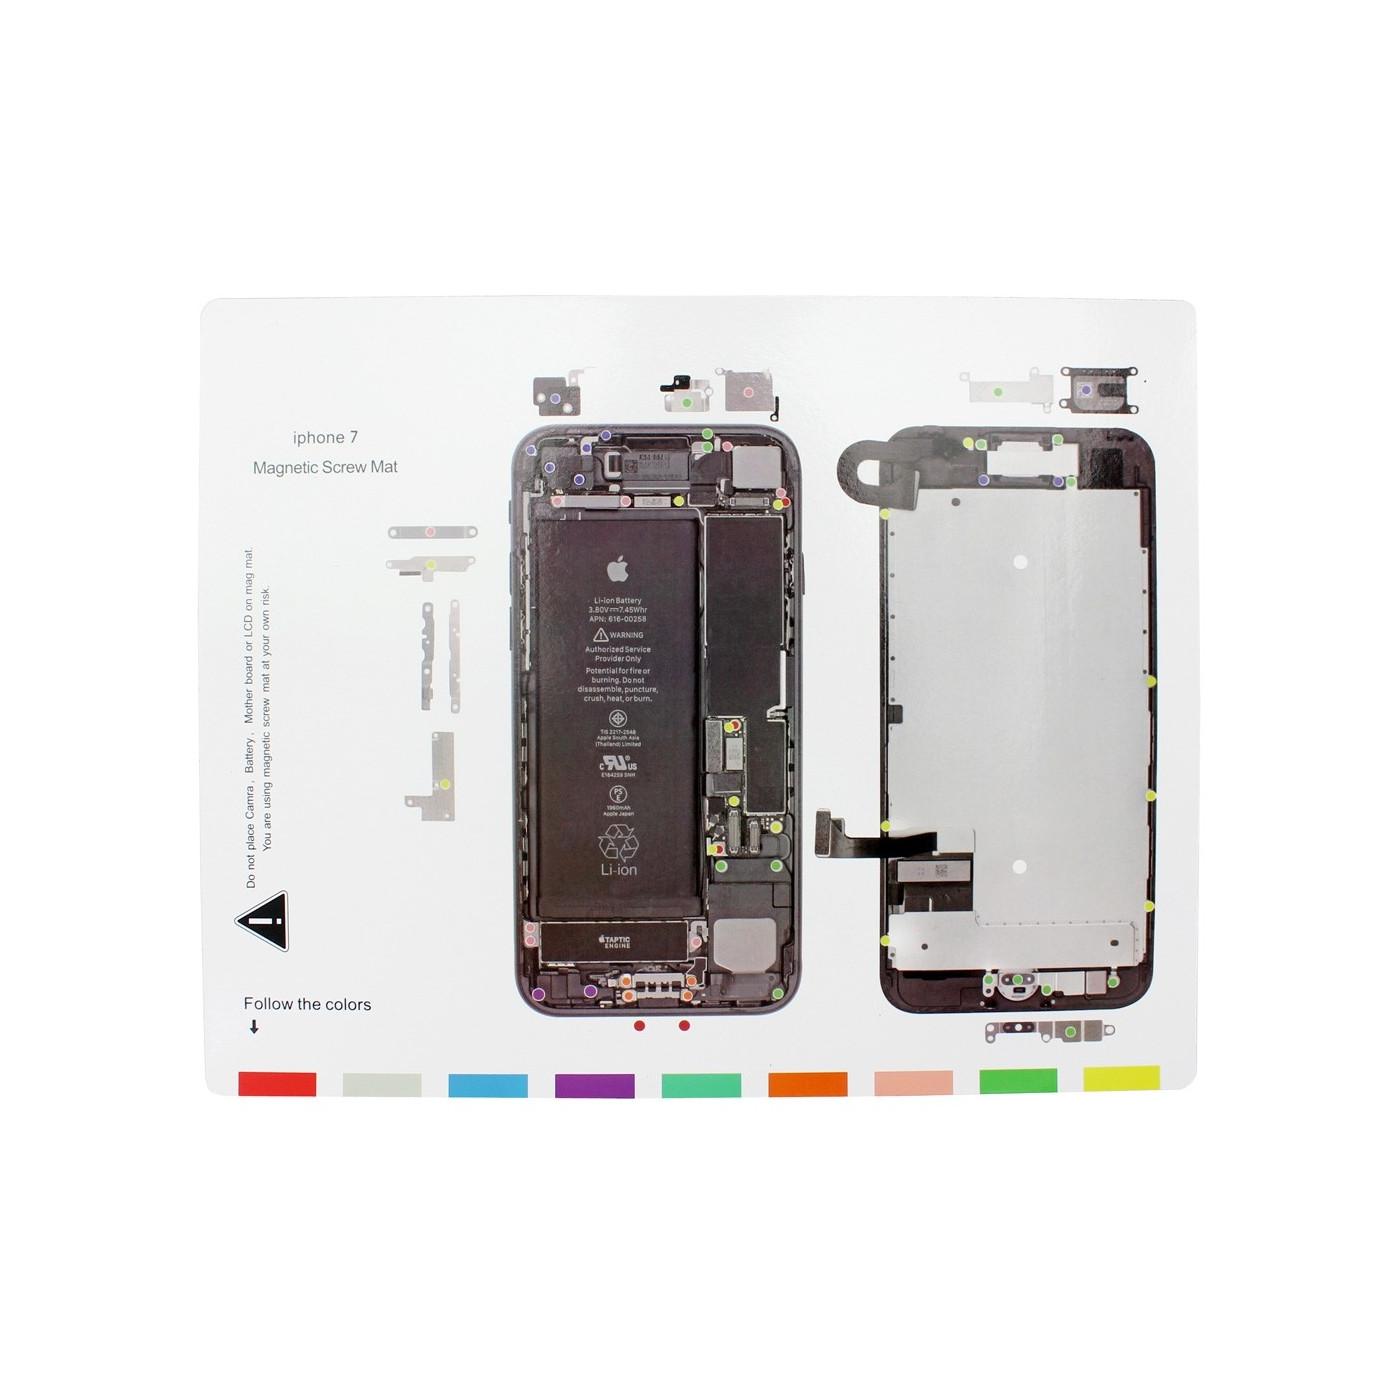 Magnetische Teppichkarte Iphone 7 Magnetische Schrauben Matte 25 x 20